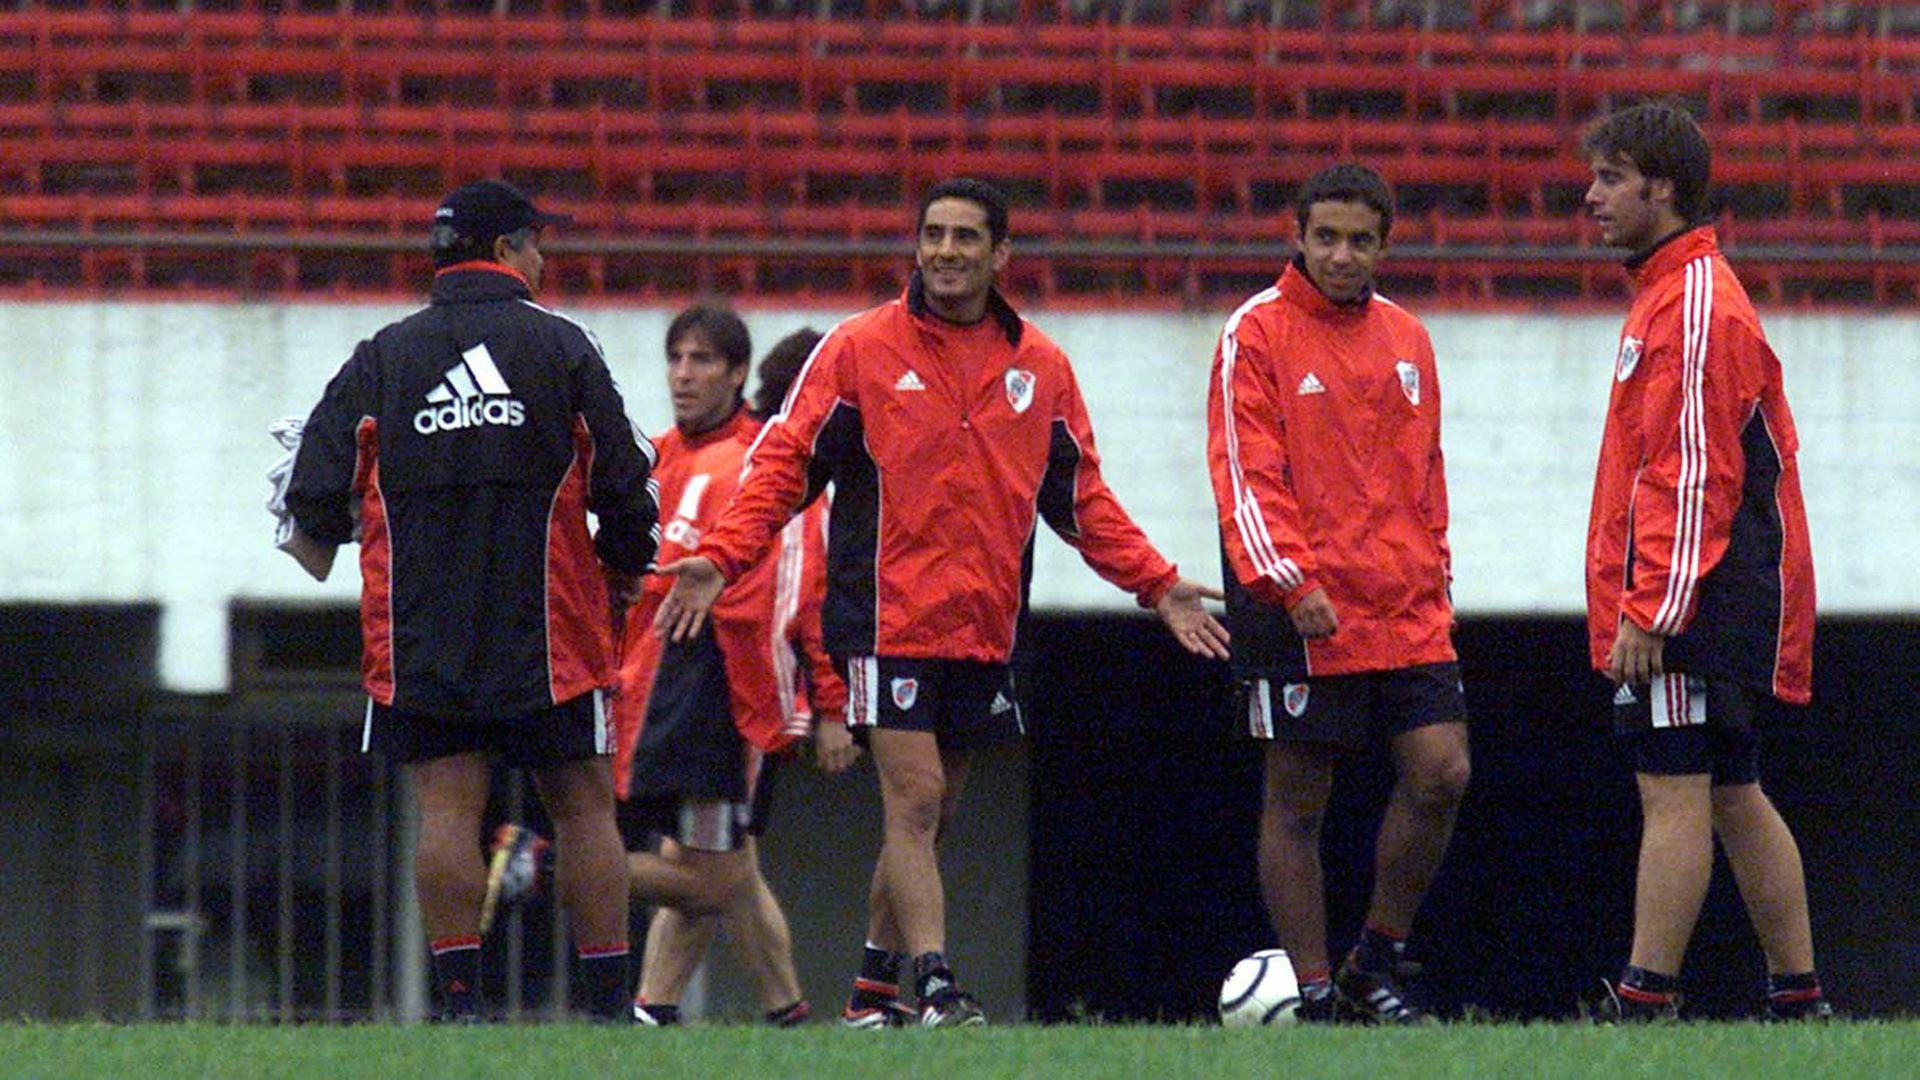 El Hormiga, junto al Tolo Gallego, en su etapa como jugador de River (FotoBaires)